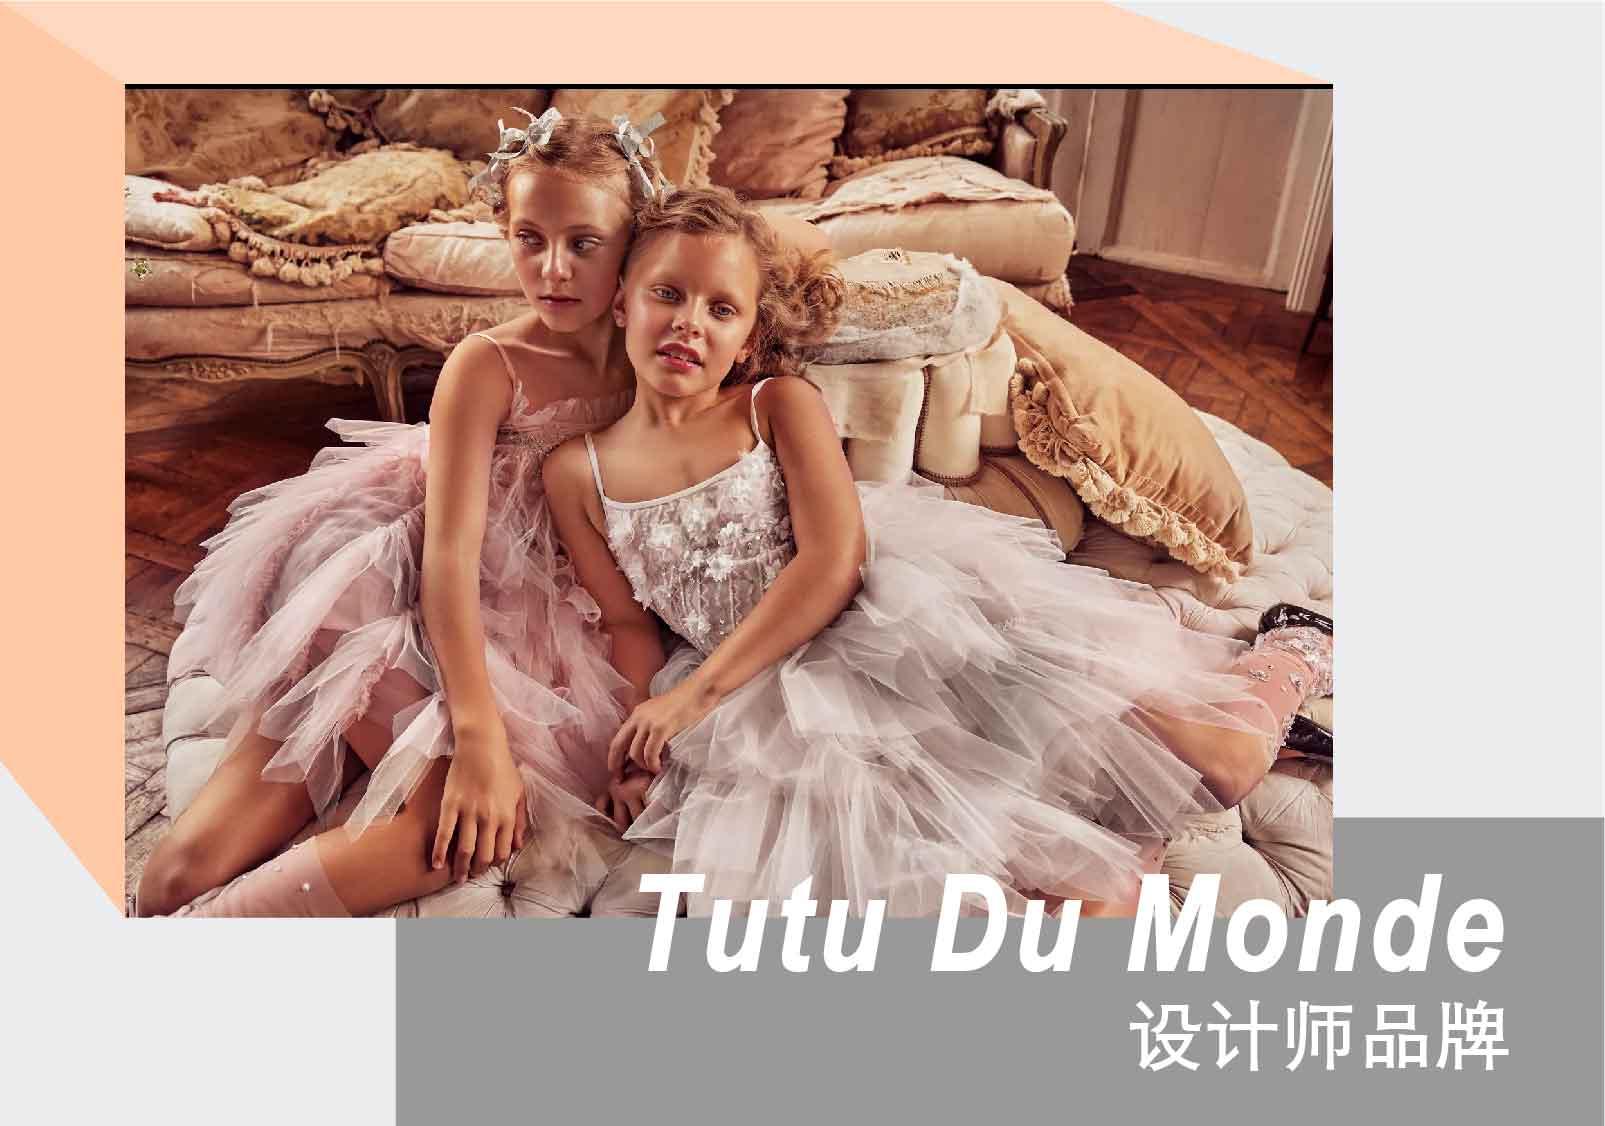 Romantic Ball -- The Designer Brand Tutu Du Monde